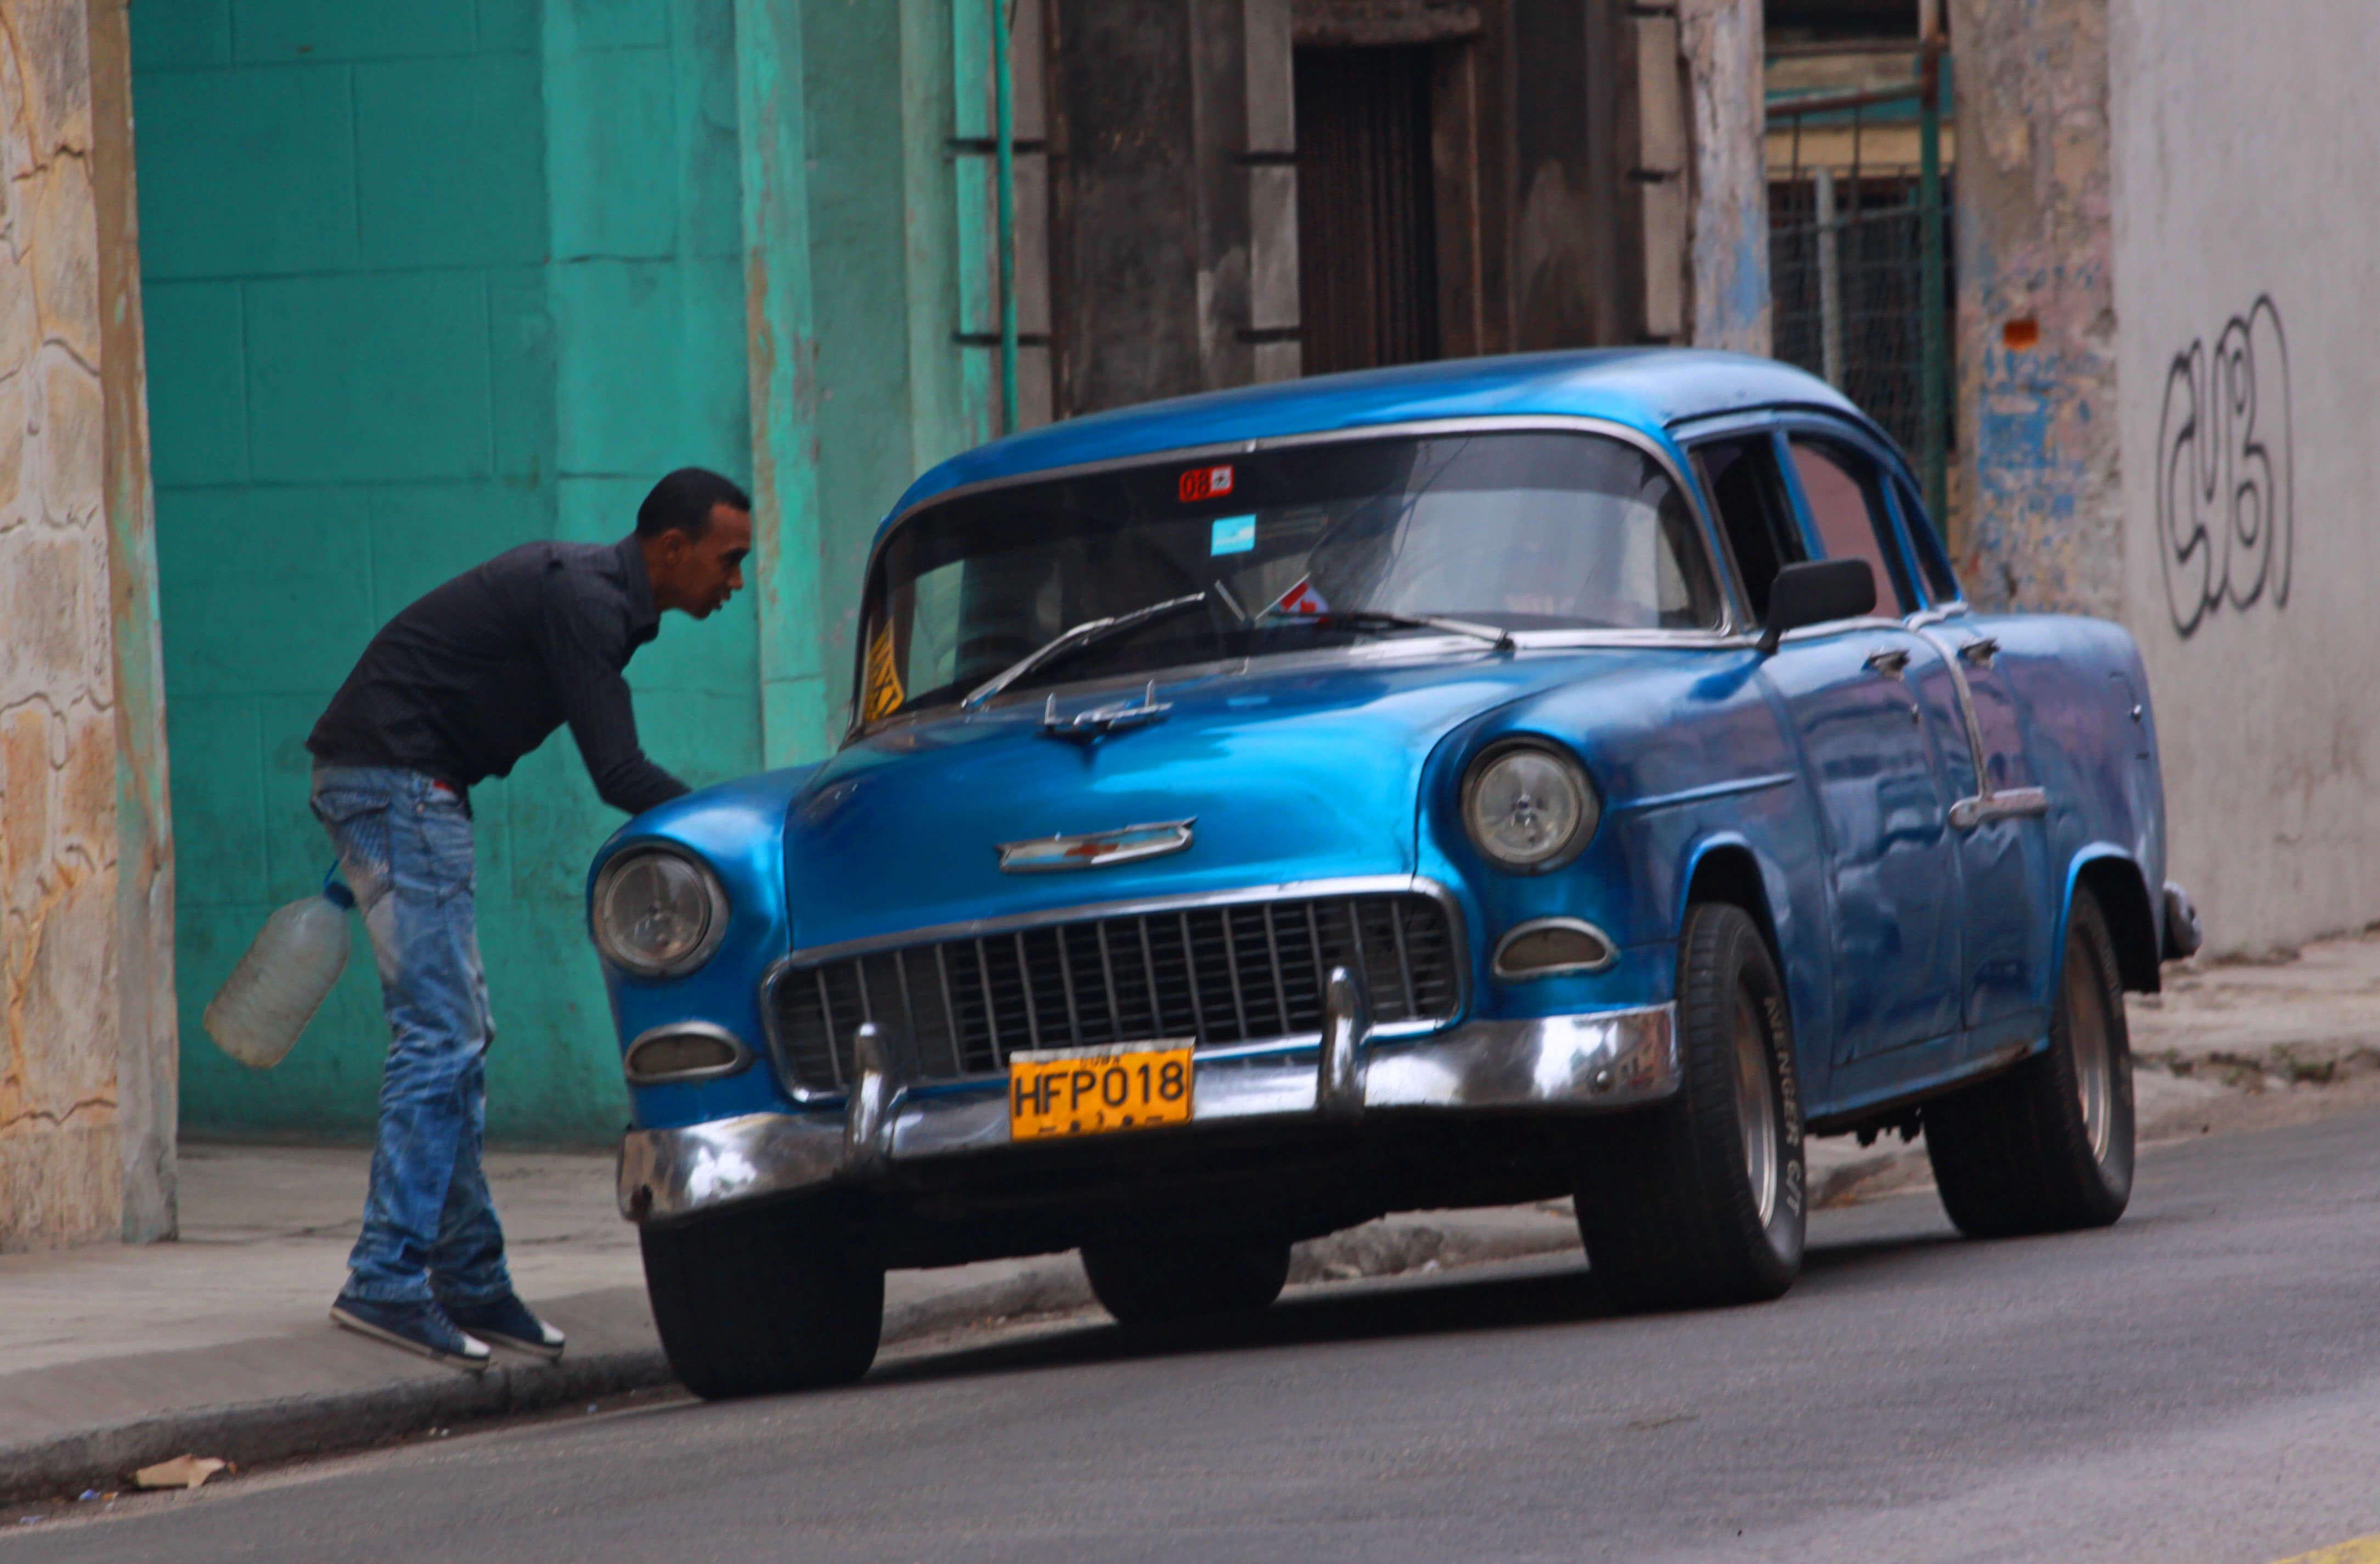 Que faire à la Havane pour une expérience inoubliable ? Louer une belle voiture américaine bien sûr ! Les belles américaines des années 50 sont emblématiques de la Havane.